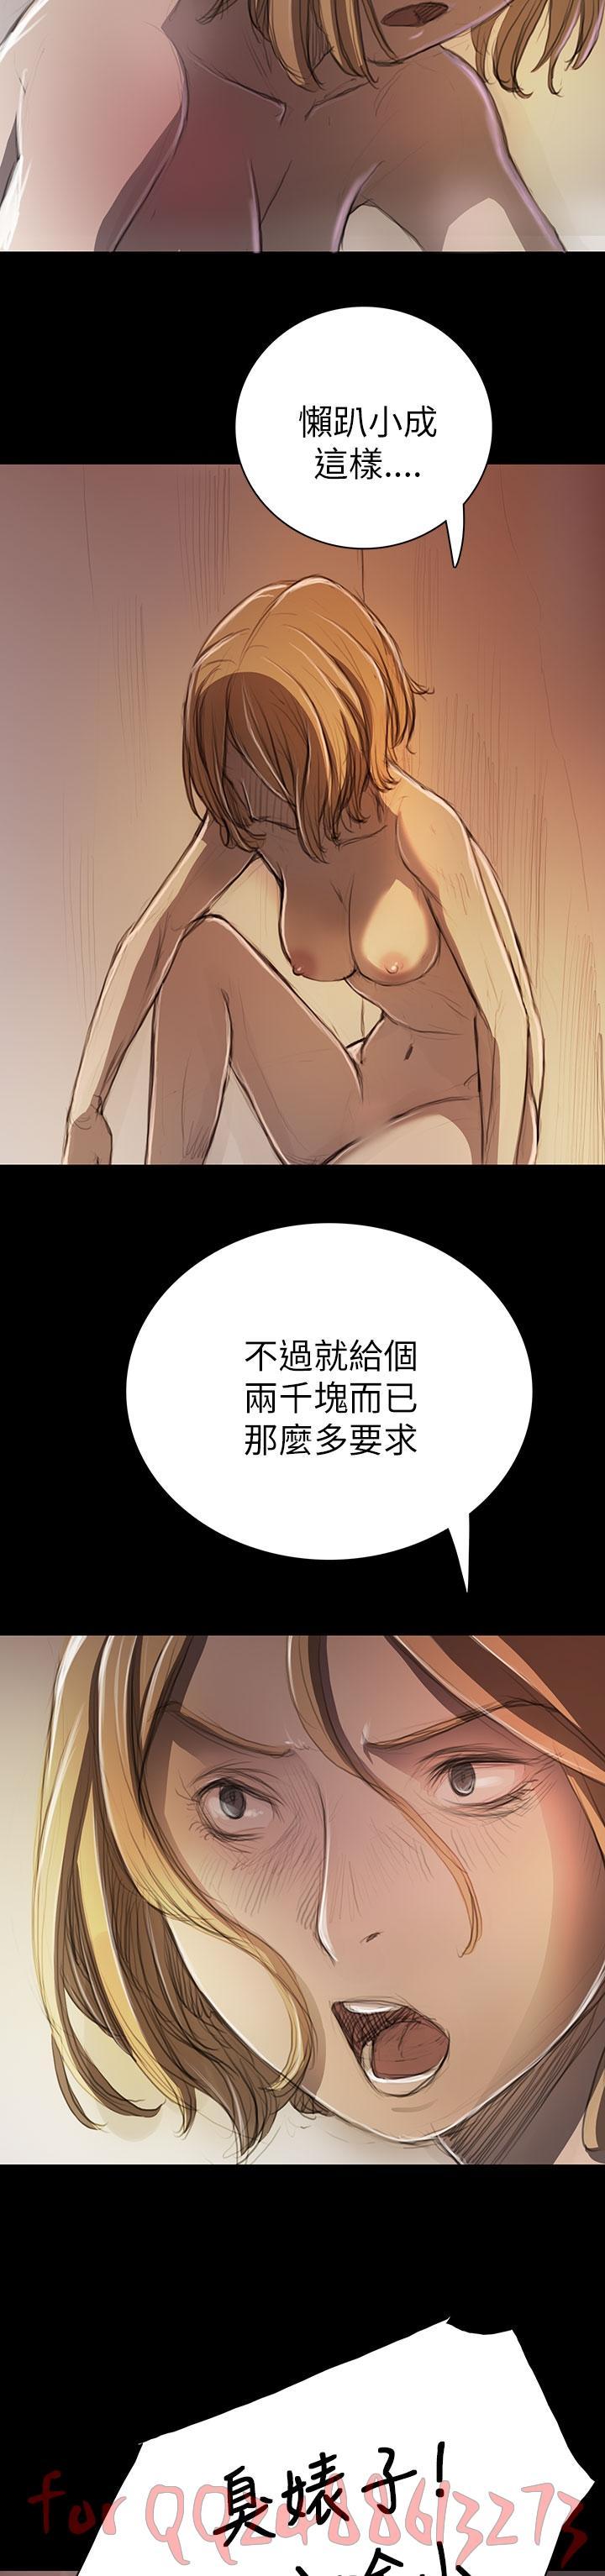 姊姊: 莲 第1~10話 [Chinese]中文 363